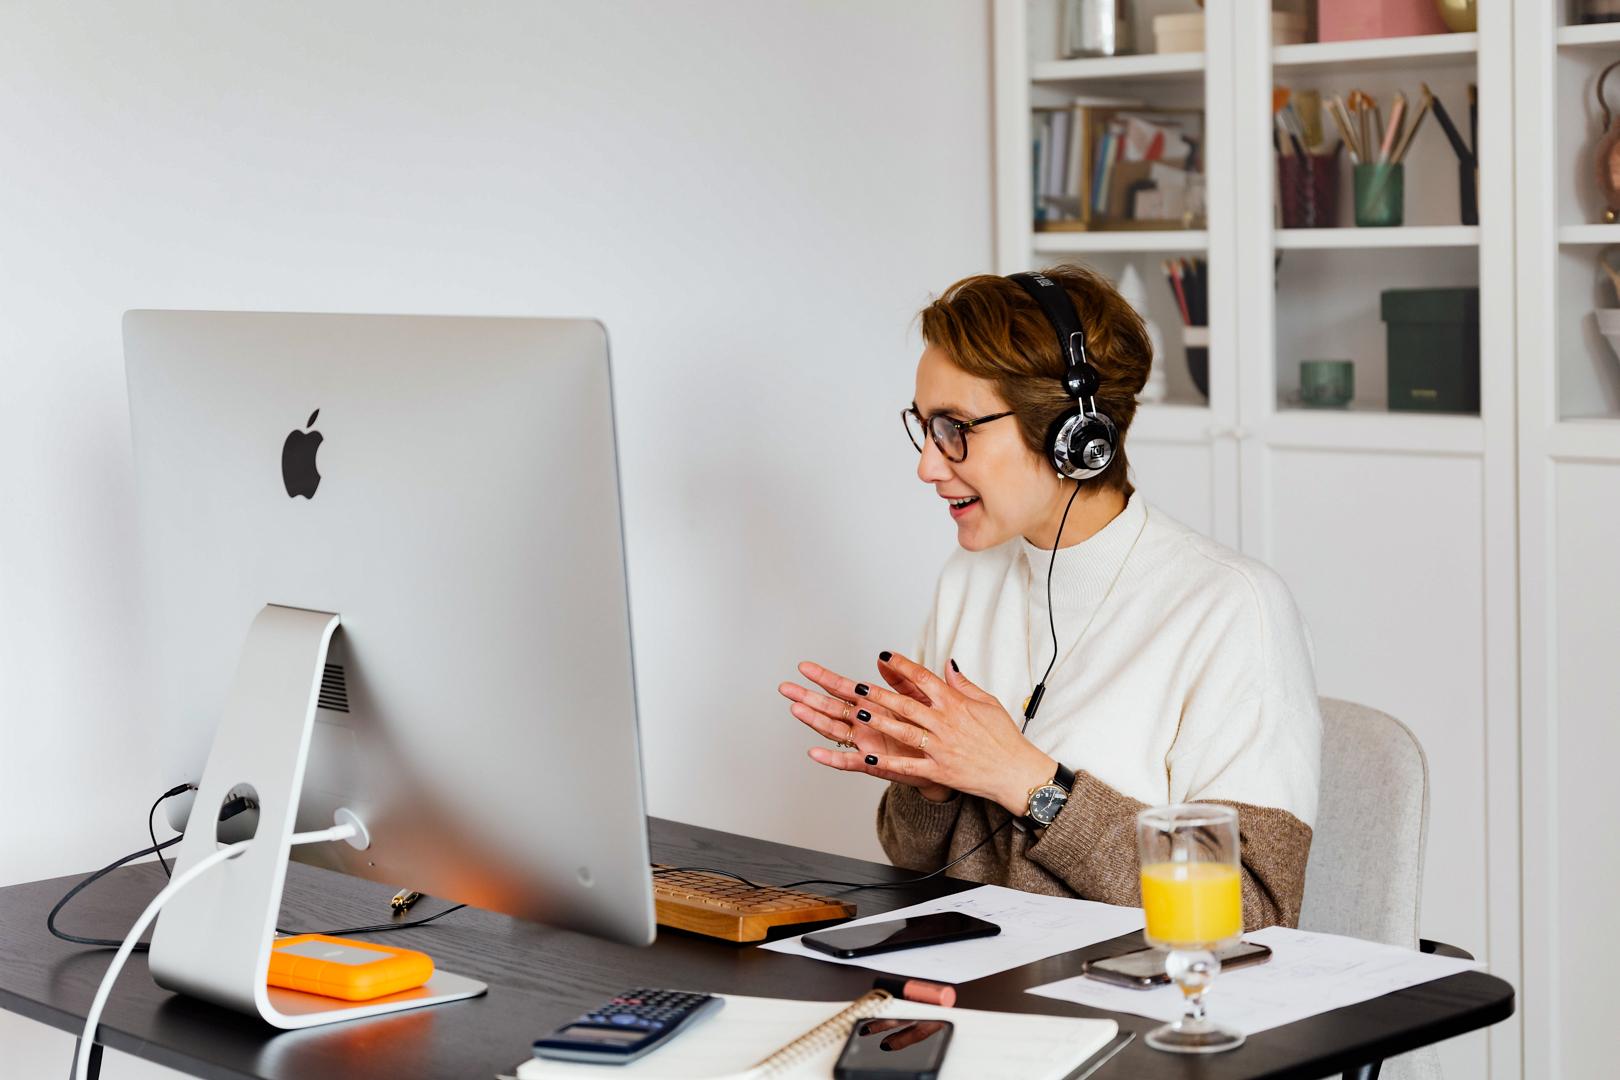 Women in front of Mac computer